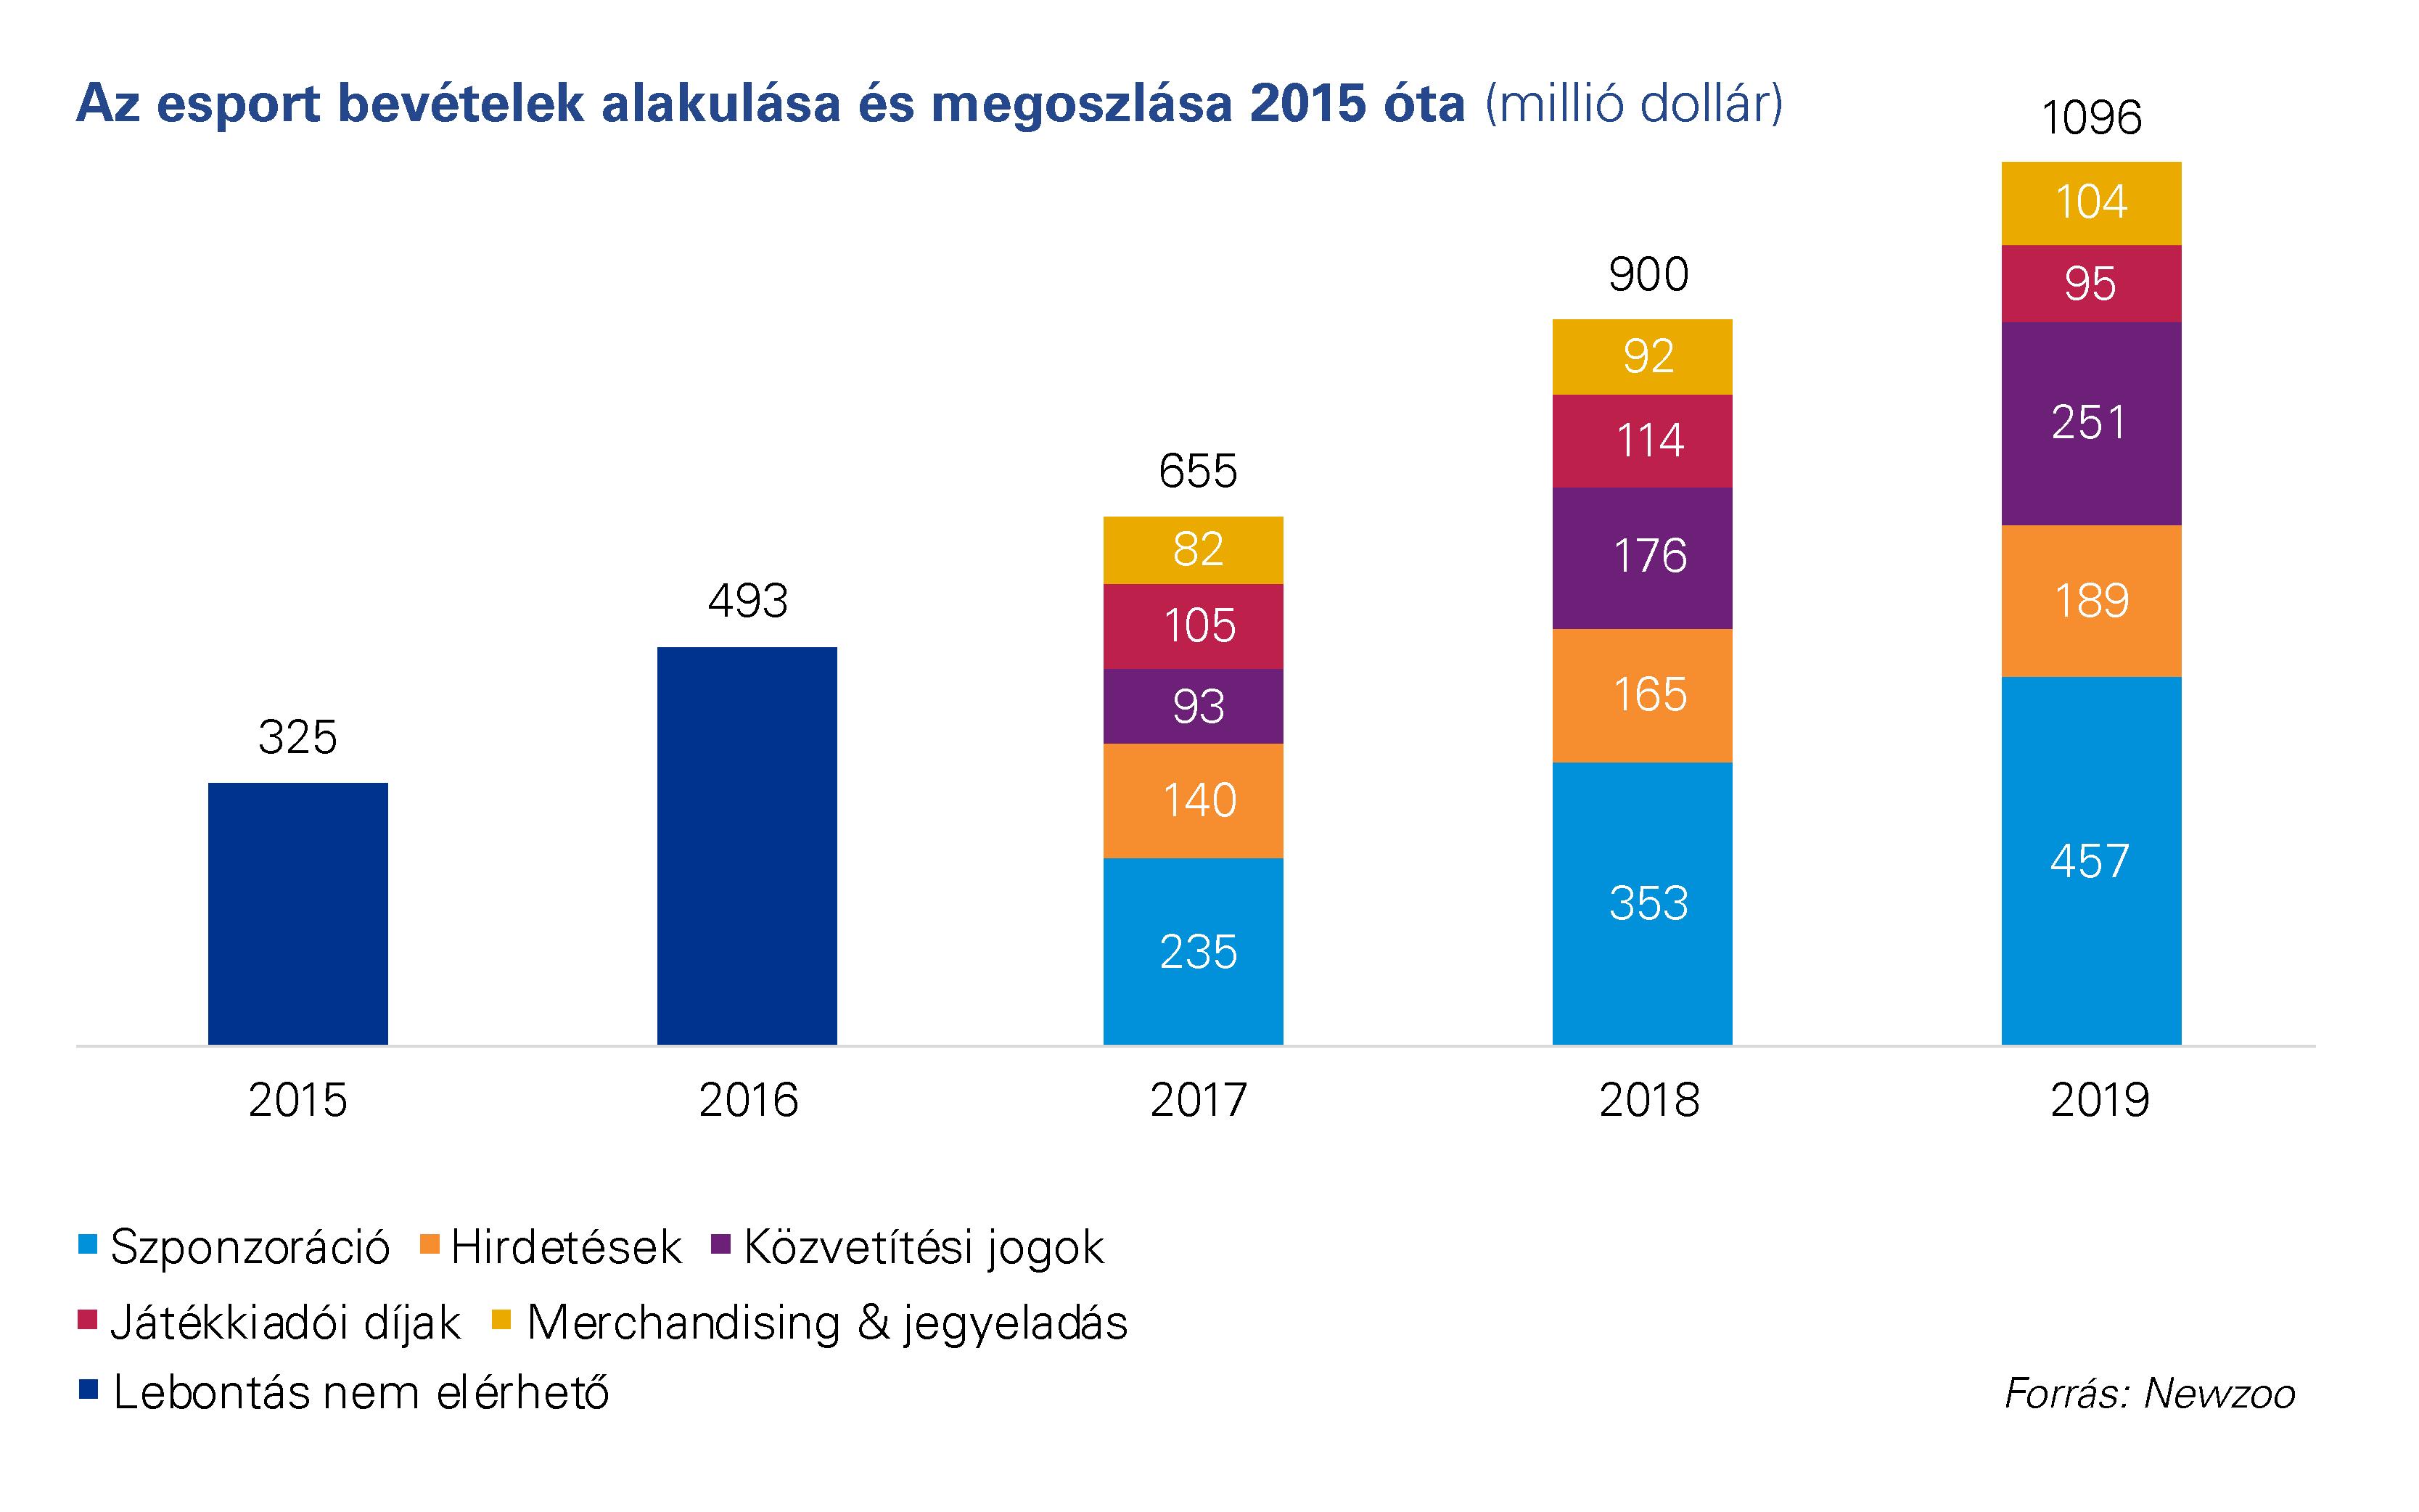 a legmagasabb hálózati bevétel